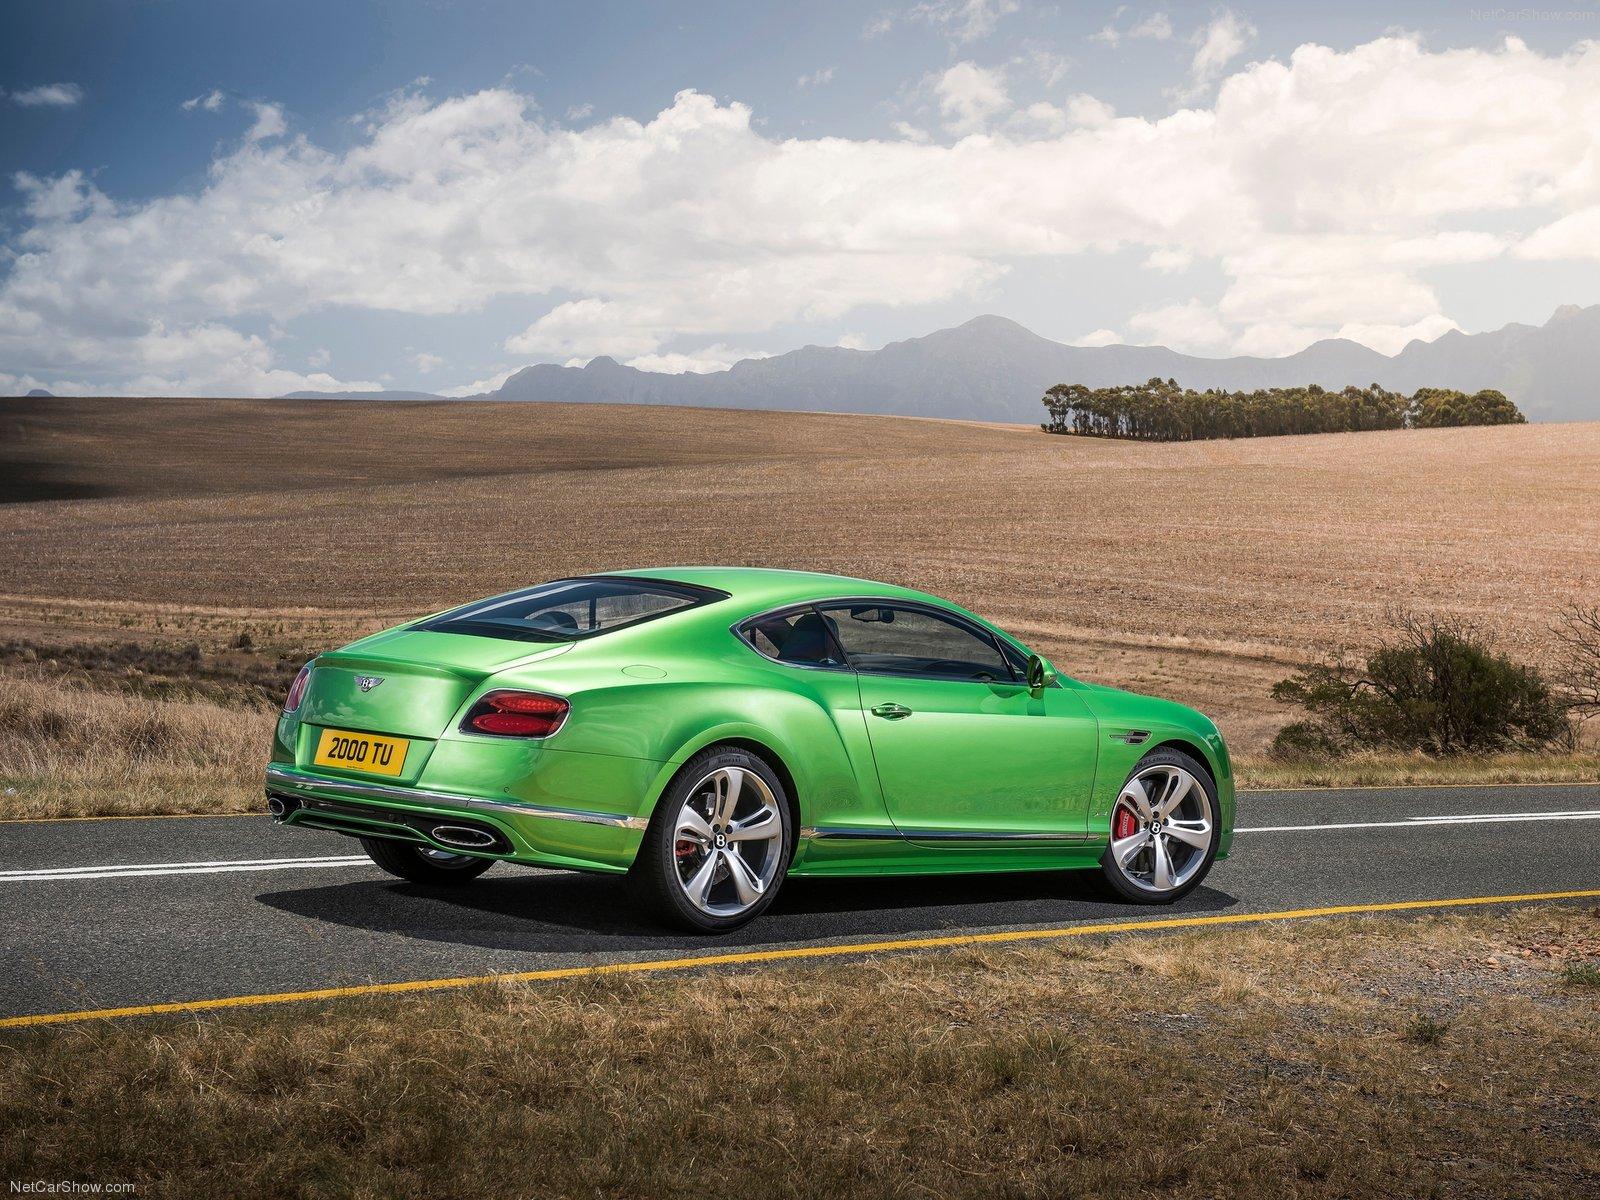 Hình ảnh xe ô tô Bentley Continental GT Speed 2016 & nội ngoại thất